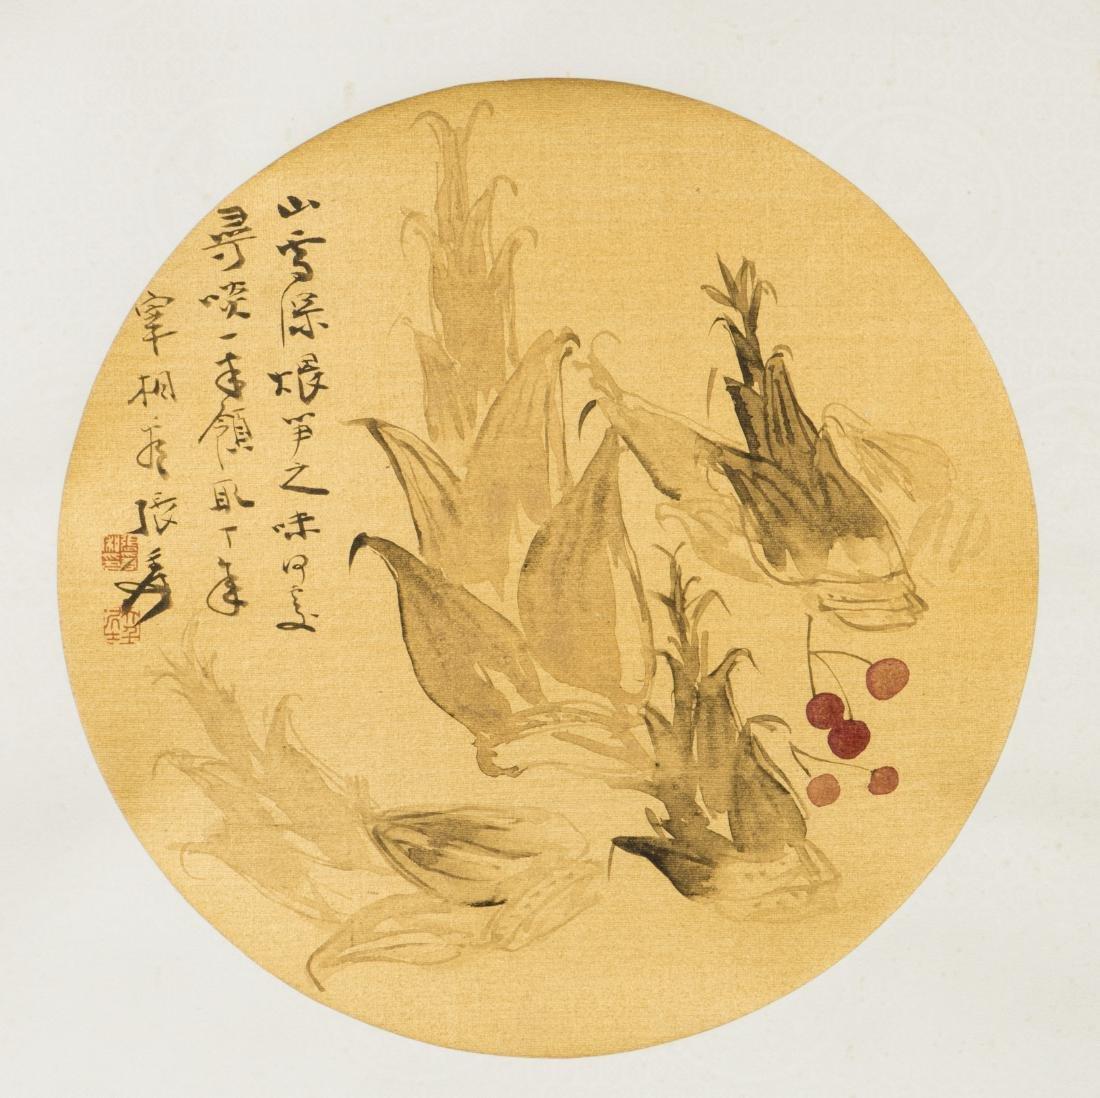 ZHANG DAQIAN (1899-1983), BAMBOO